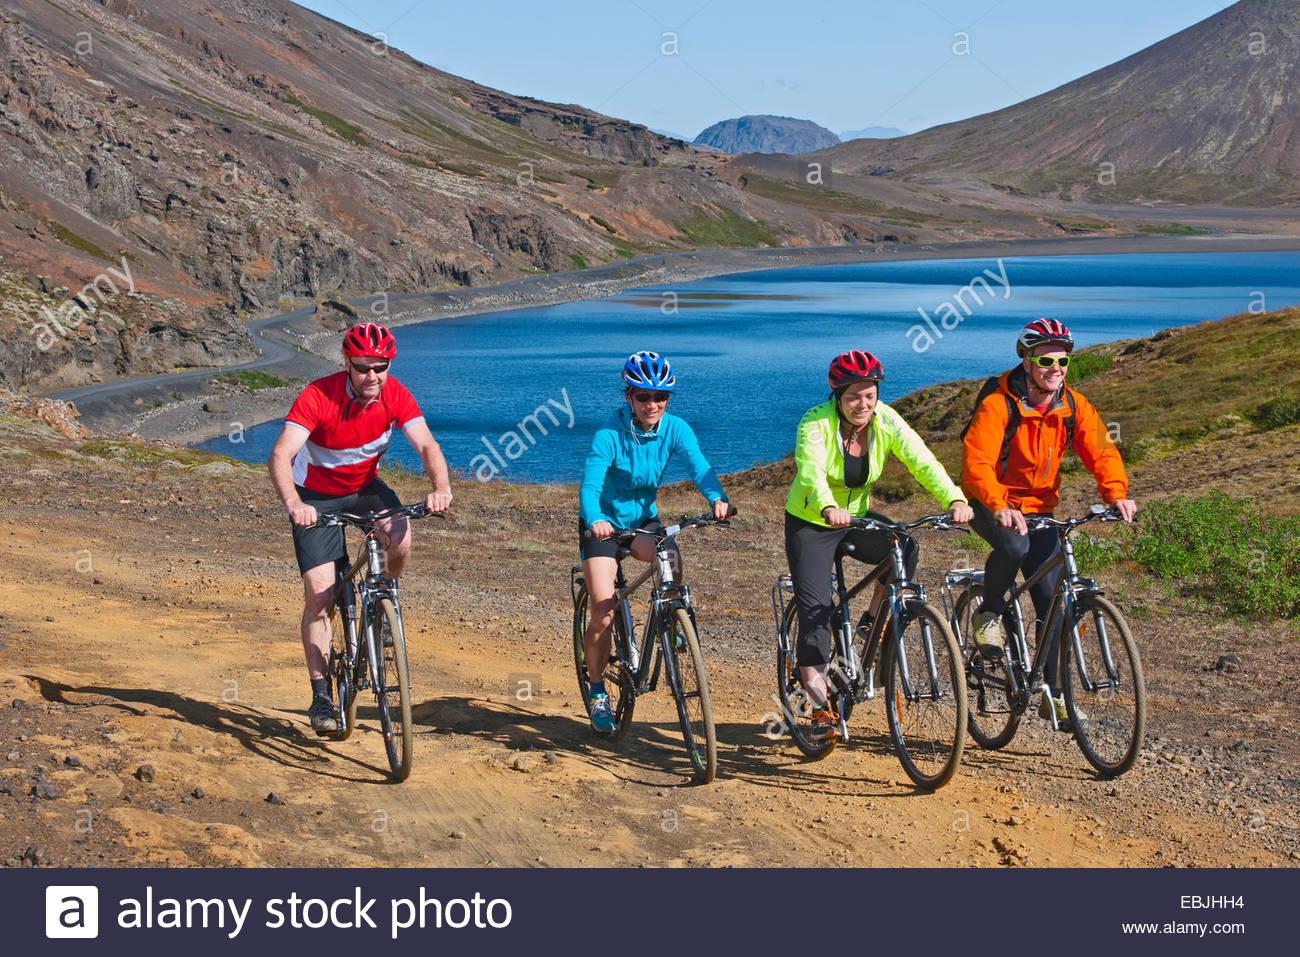 Les cyclistes du vélo, piste de Kleifarvatn en arrière-plan, Reykjanes, au sud-ouest de l'Islande Photo Stock